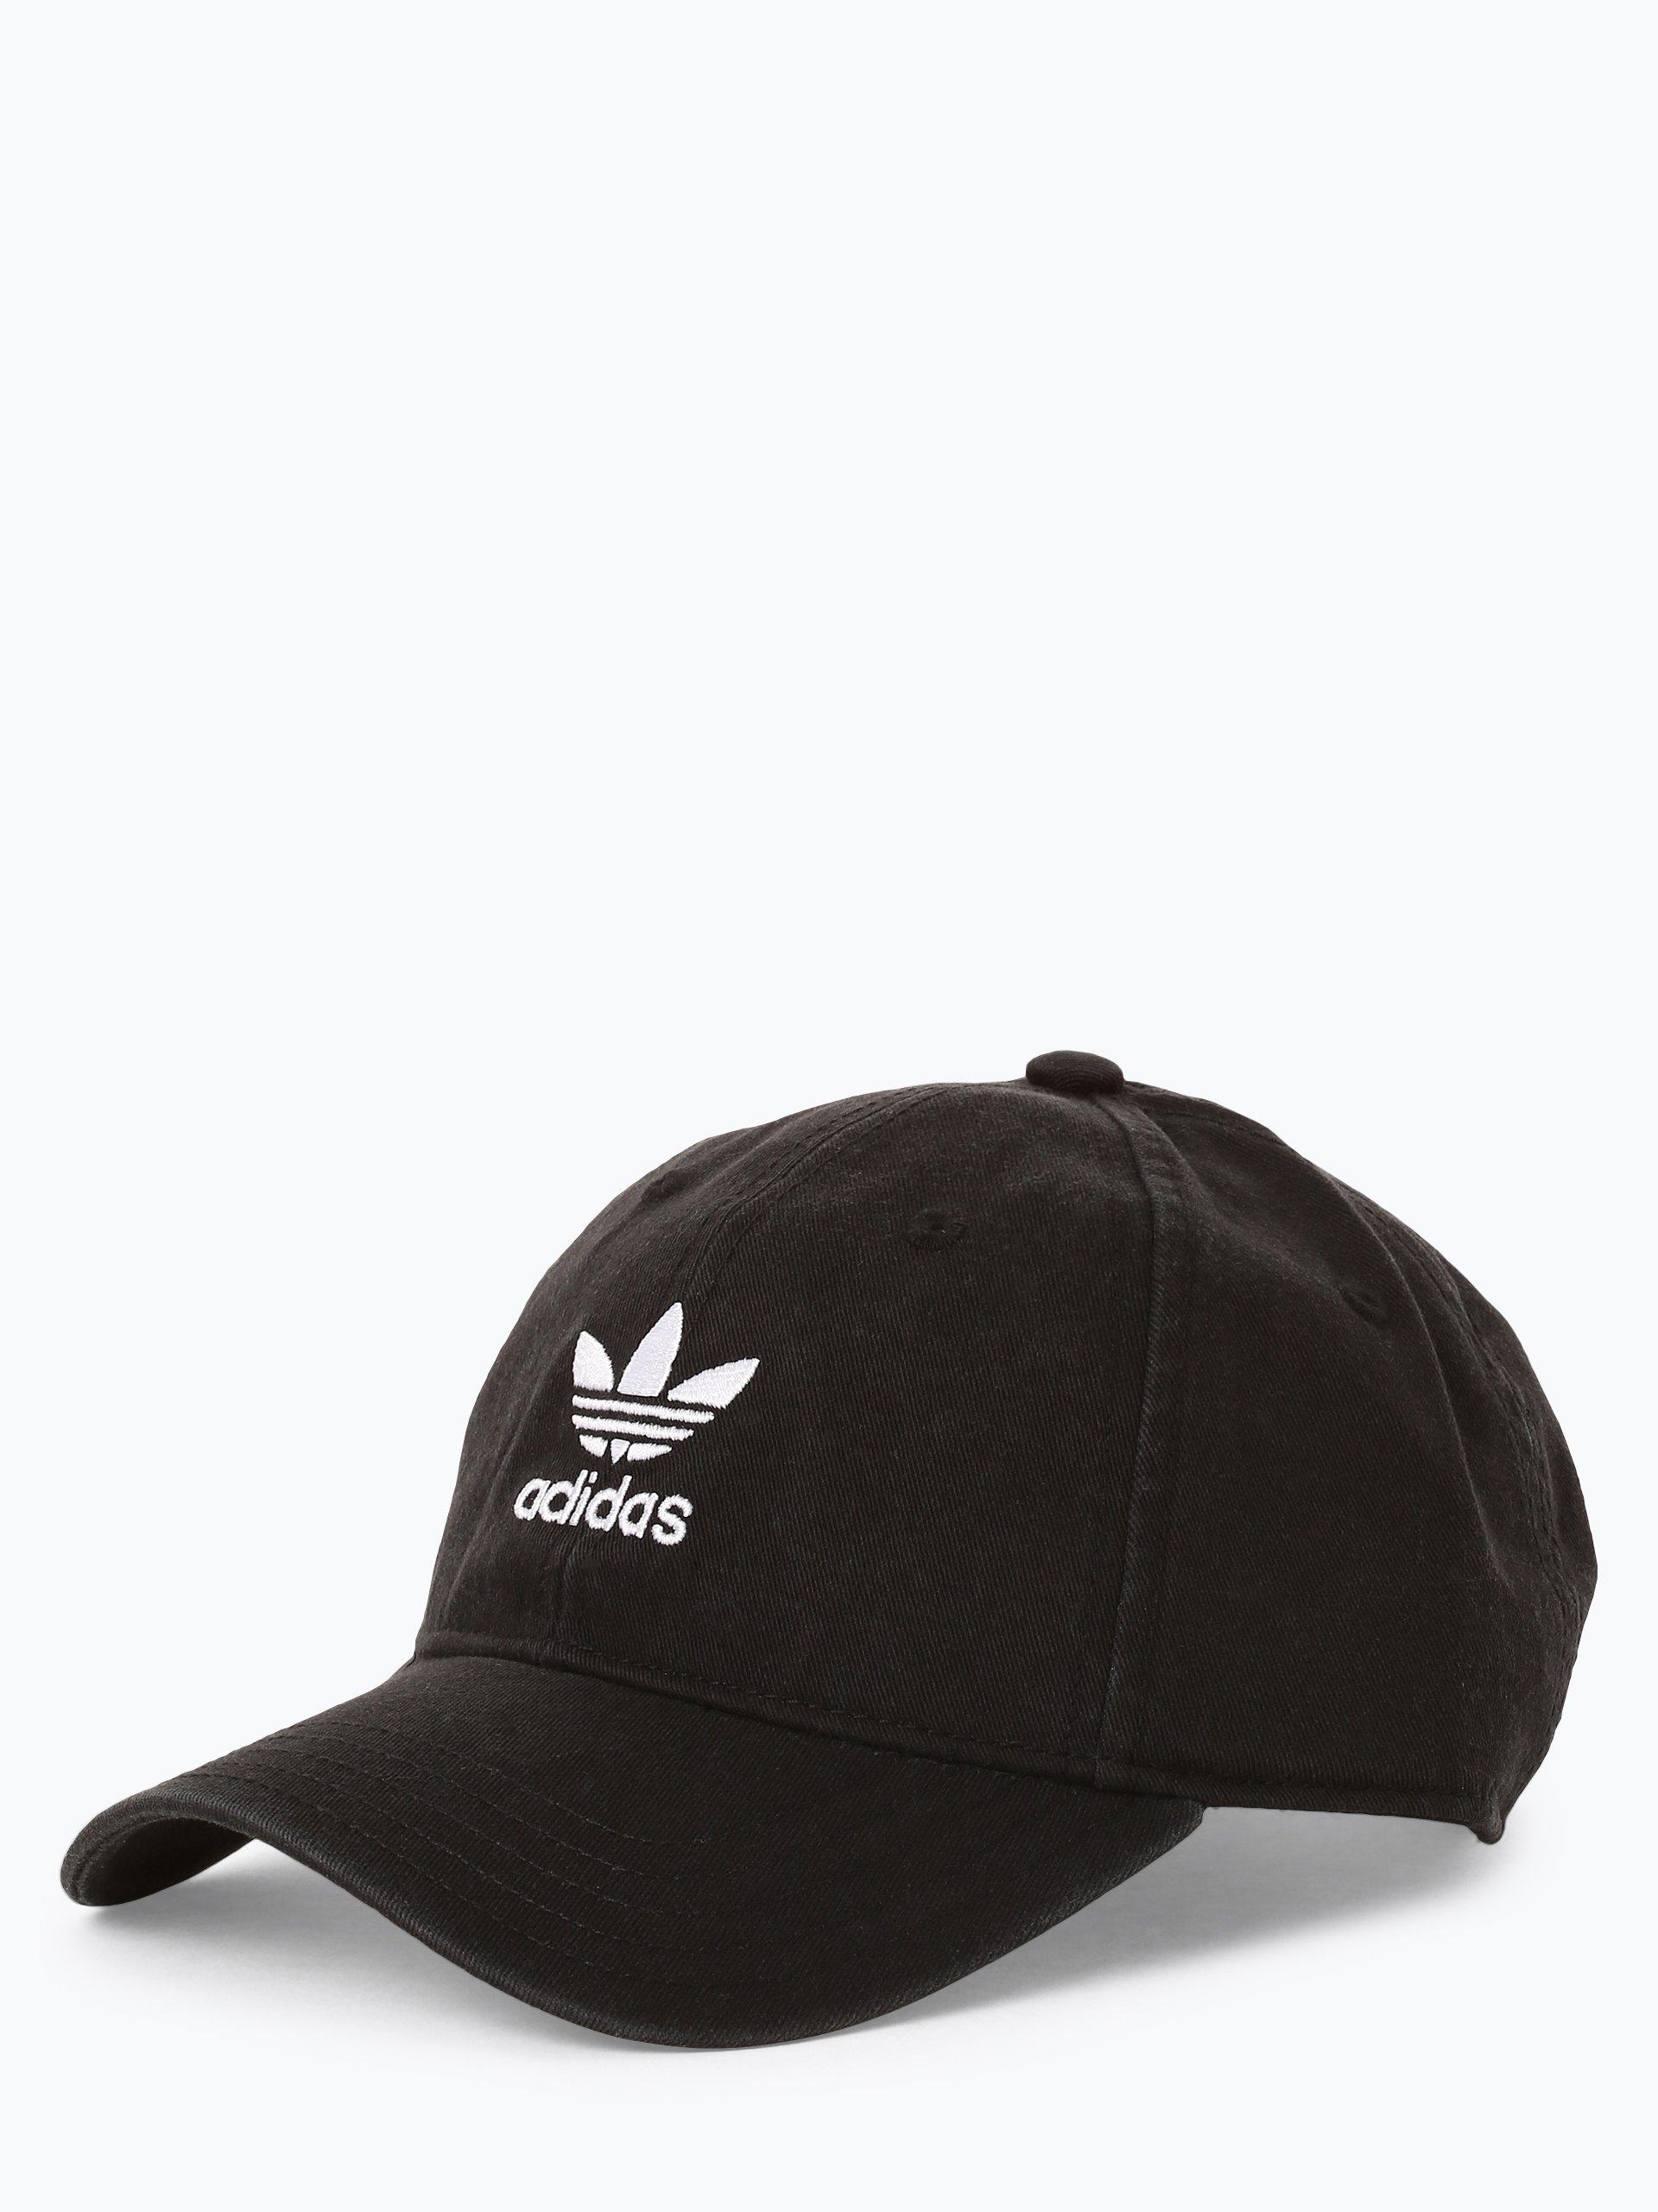 adidas Originals Męska czapka z daszkiem